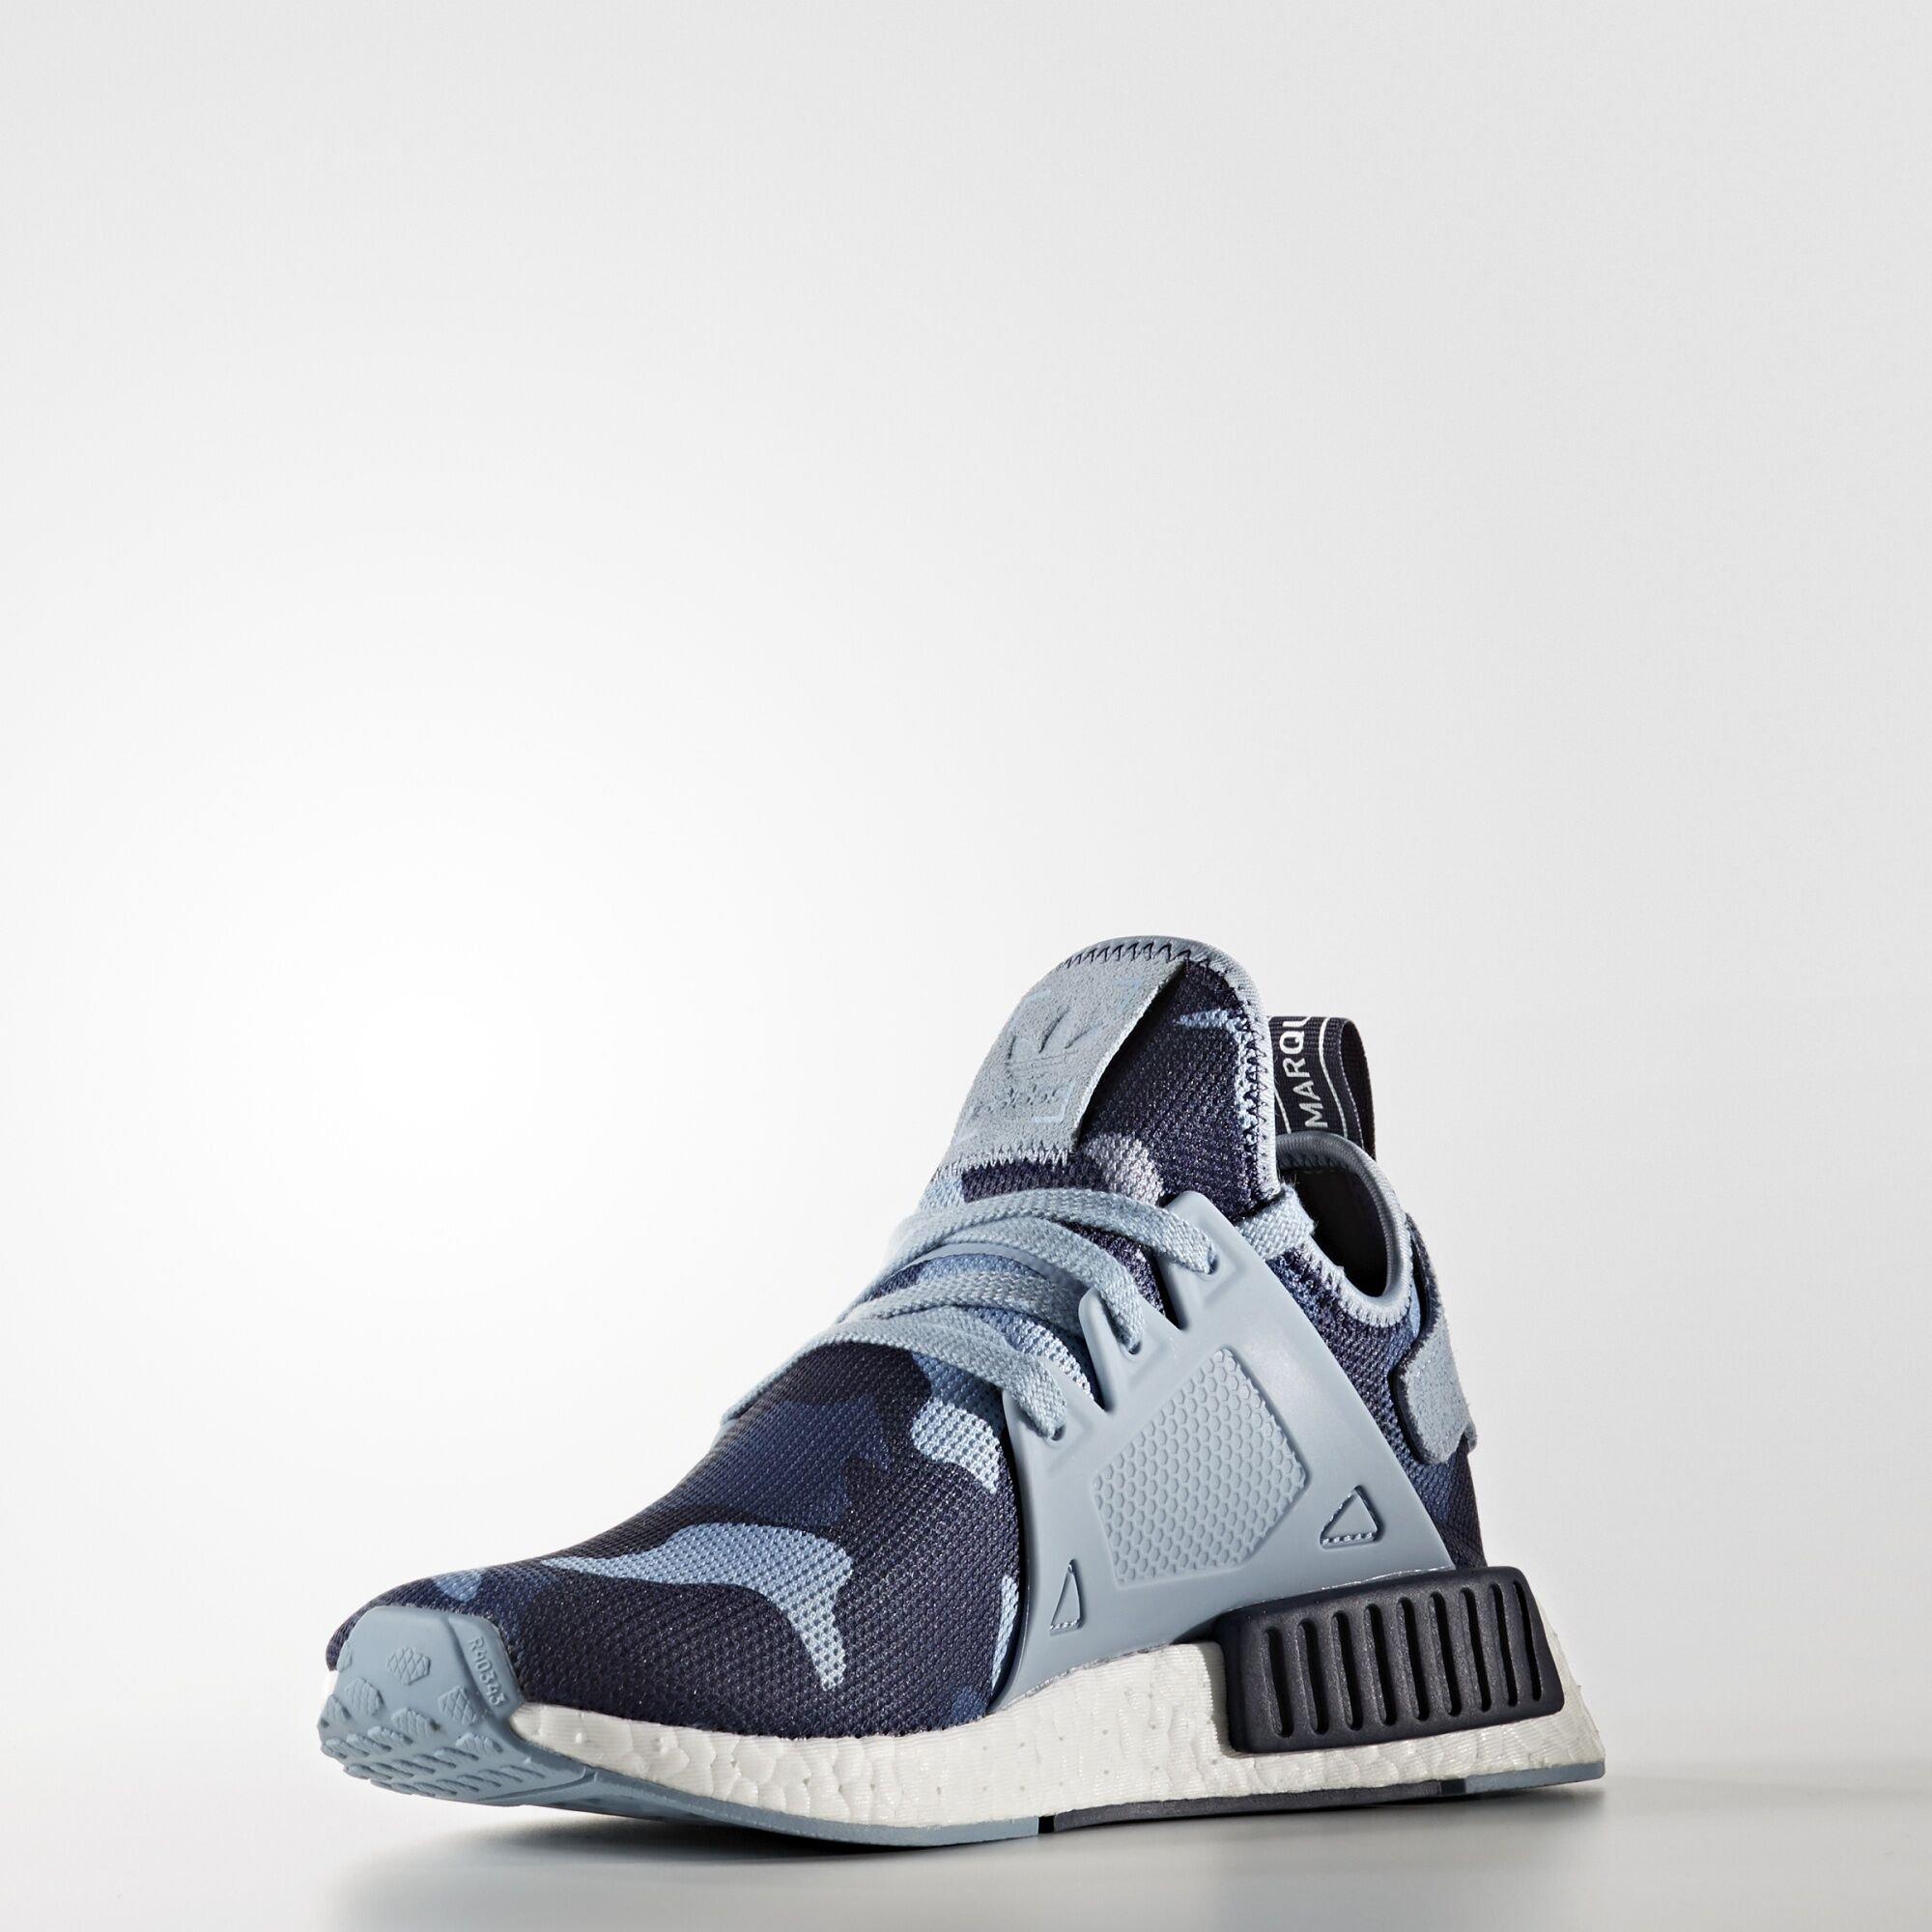 adidas NMD XR1 Blue Duck Camo (W) (BA7754)